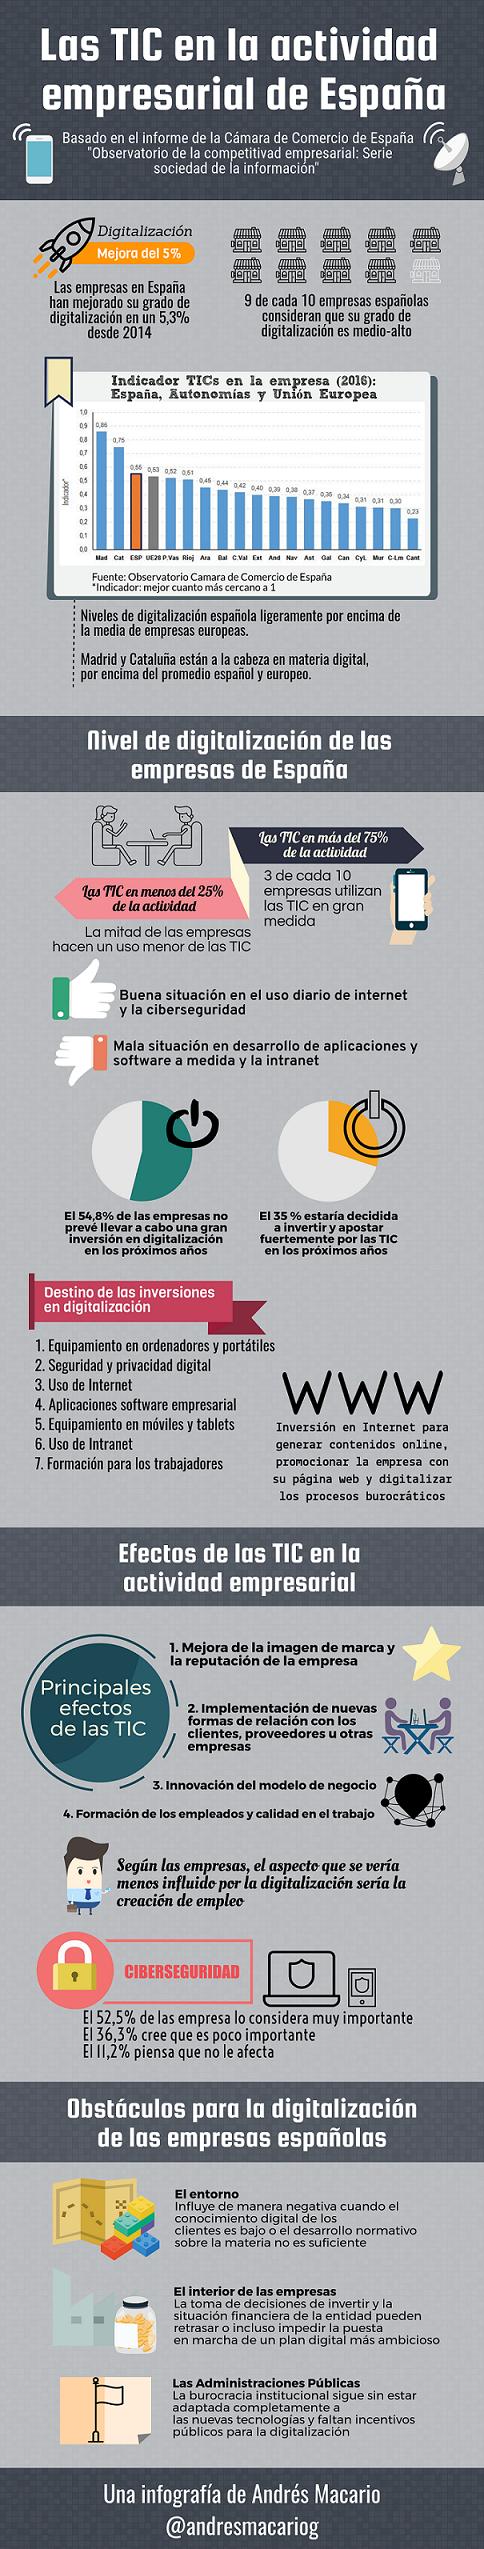 Las TIC en la actividad empresarial de España - Infografía Andrés Macario